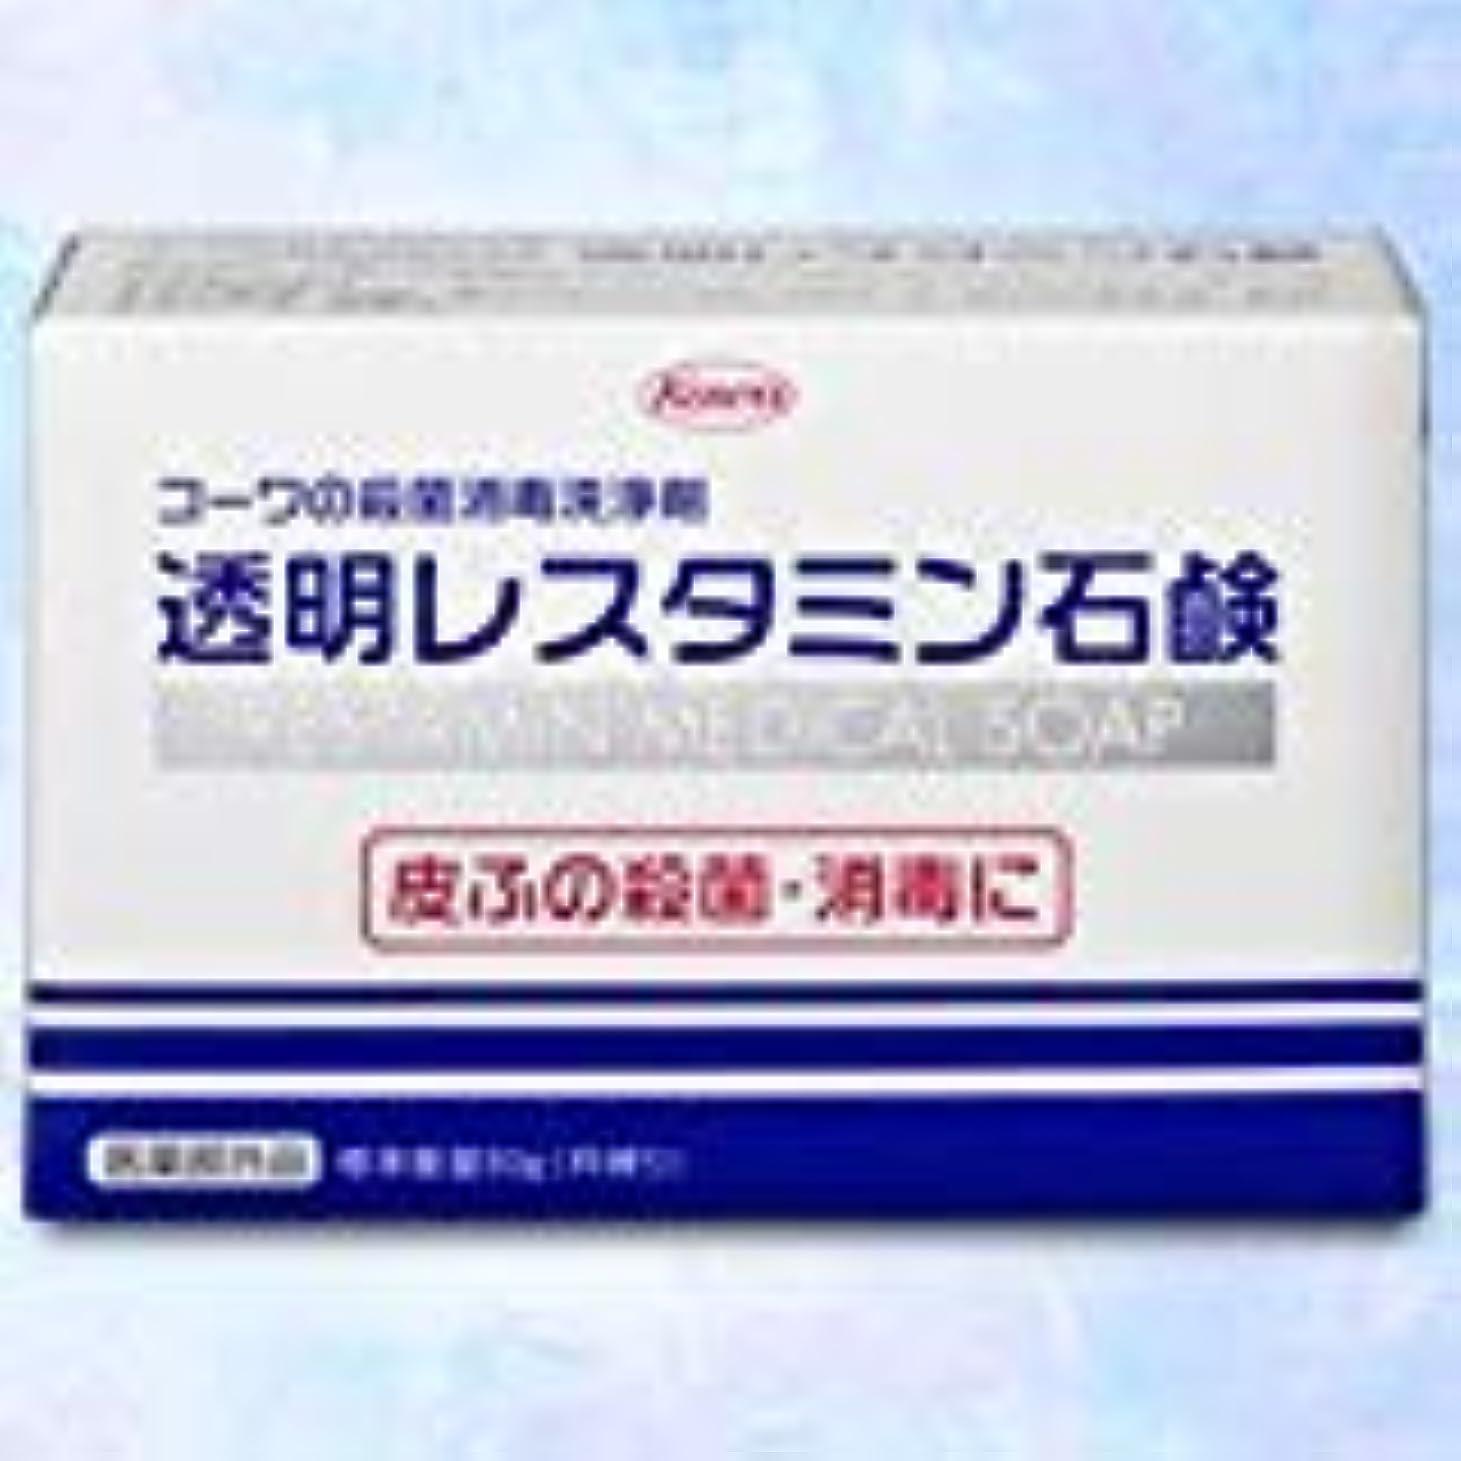 広告するこれら白雪姫【興和】コーワの殺菌消毒洗浄剤「透明レスタミン石鹸」80g(医薬部外品) ×3個セット